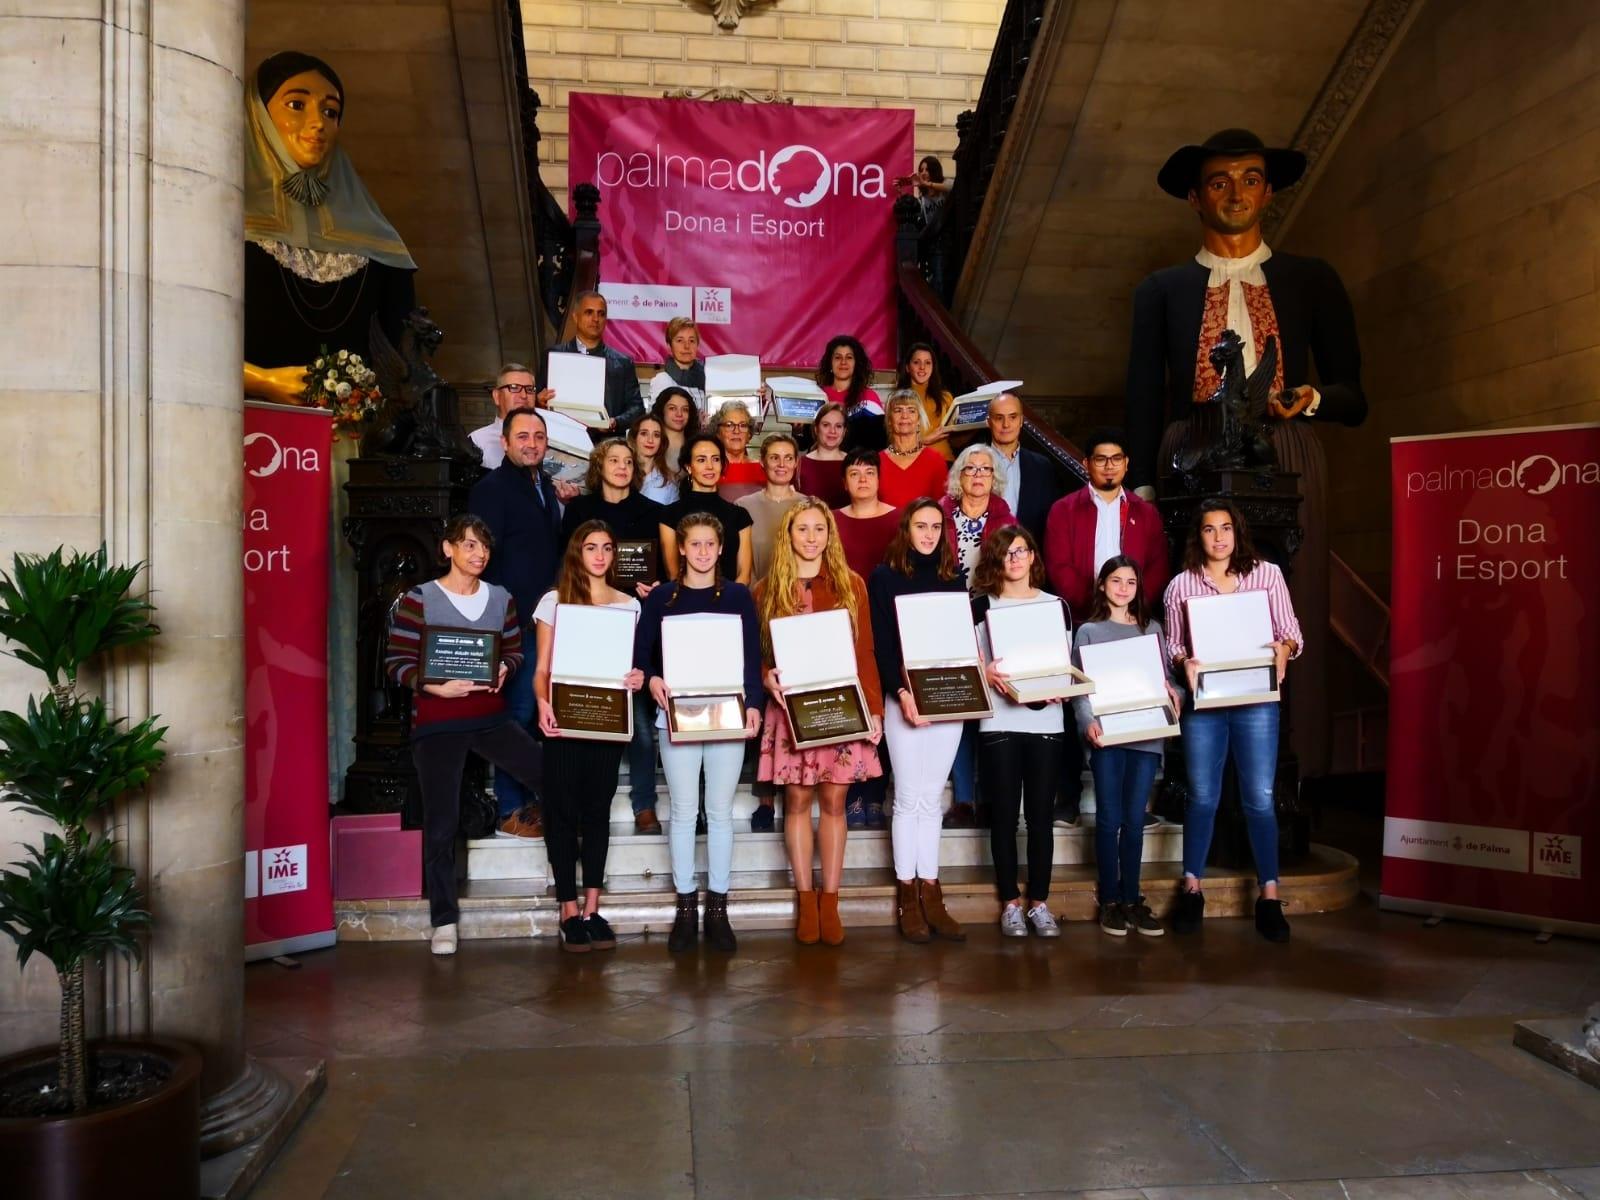 HOMENAJE DEL AJUNTAMENT DE PALMA AL DEPORTE FEMENINO